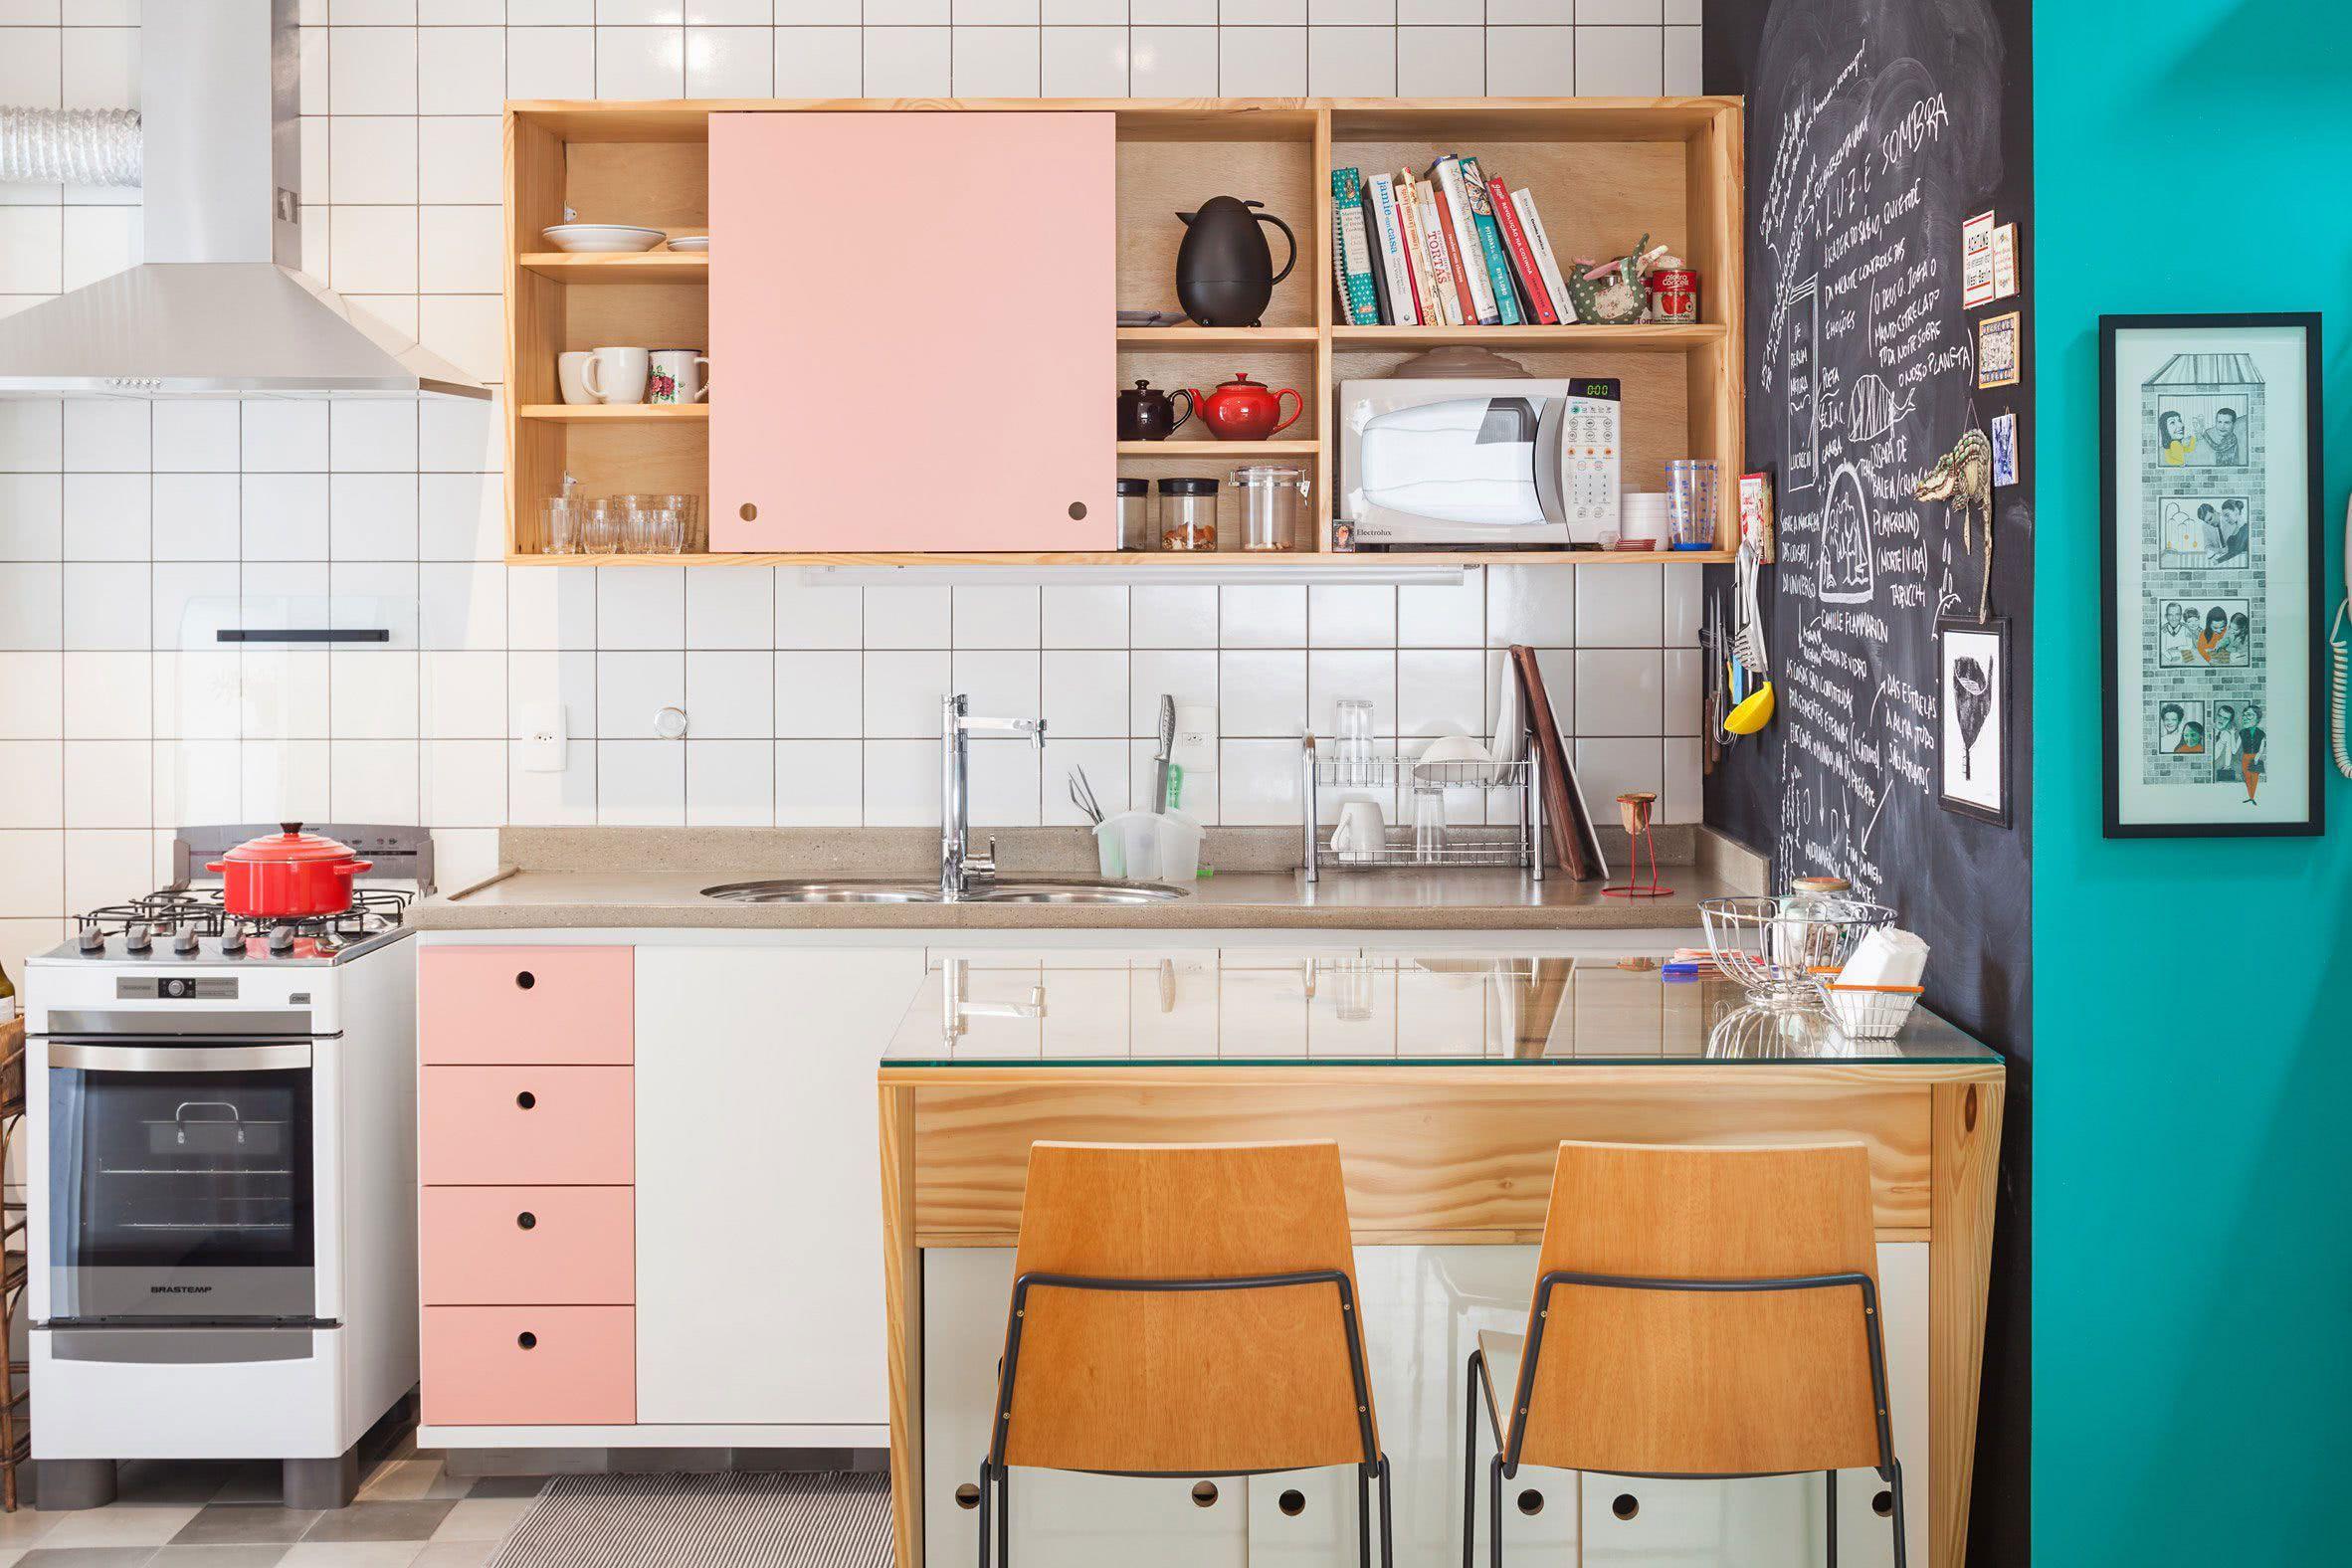 Uma cozinha simples, porém cheio de charme